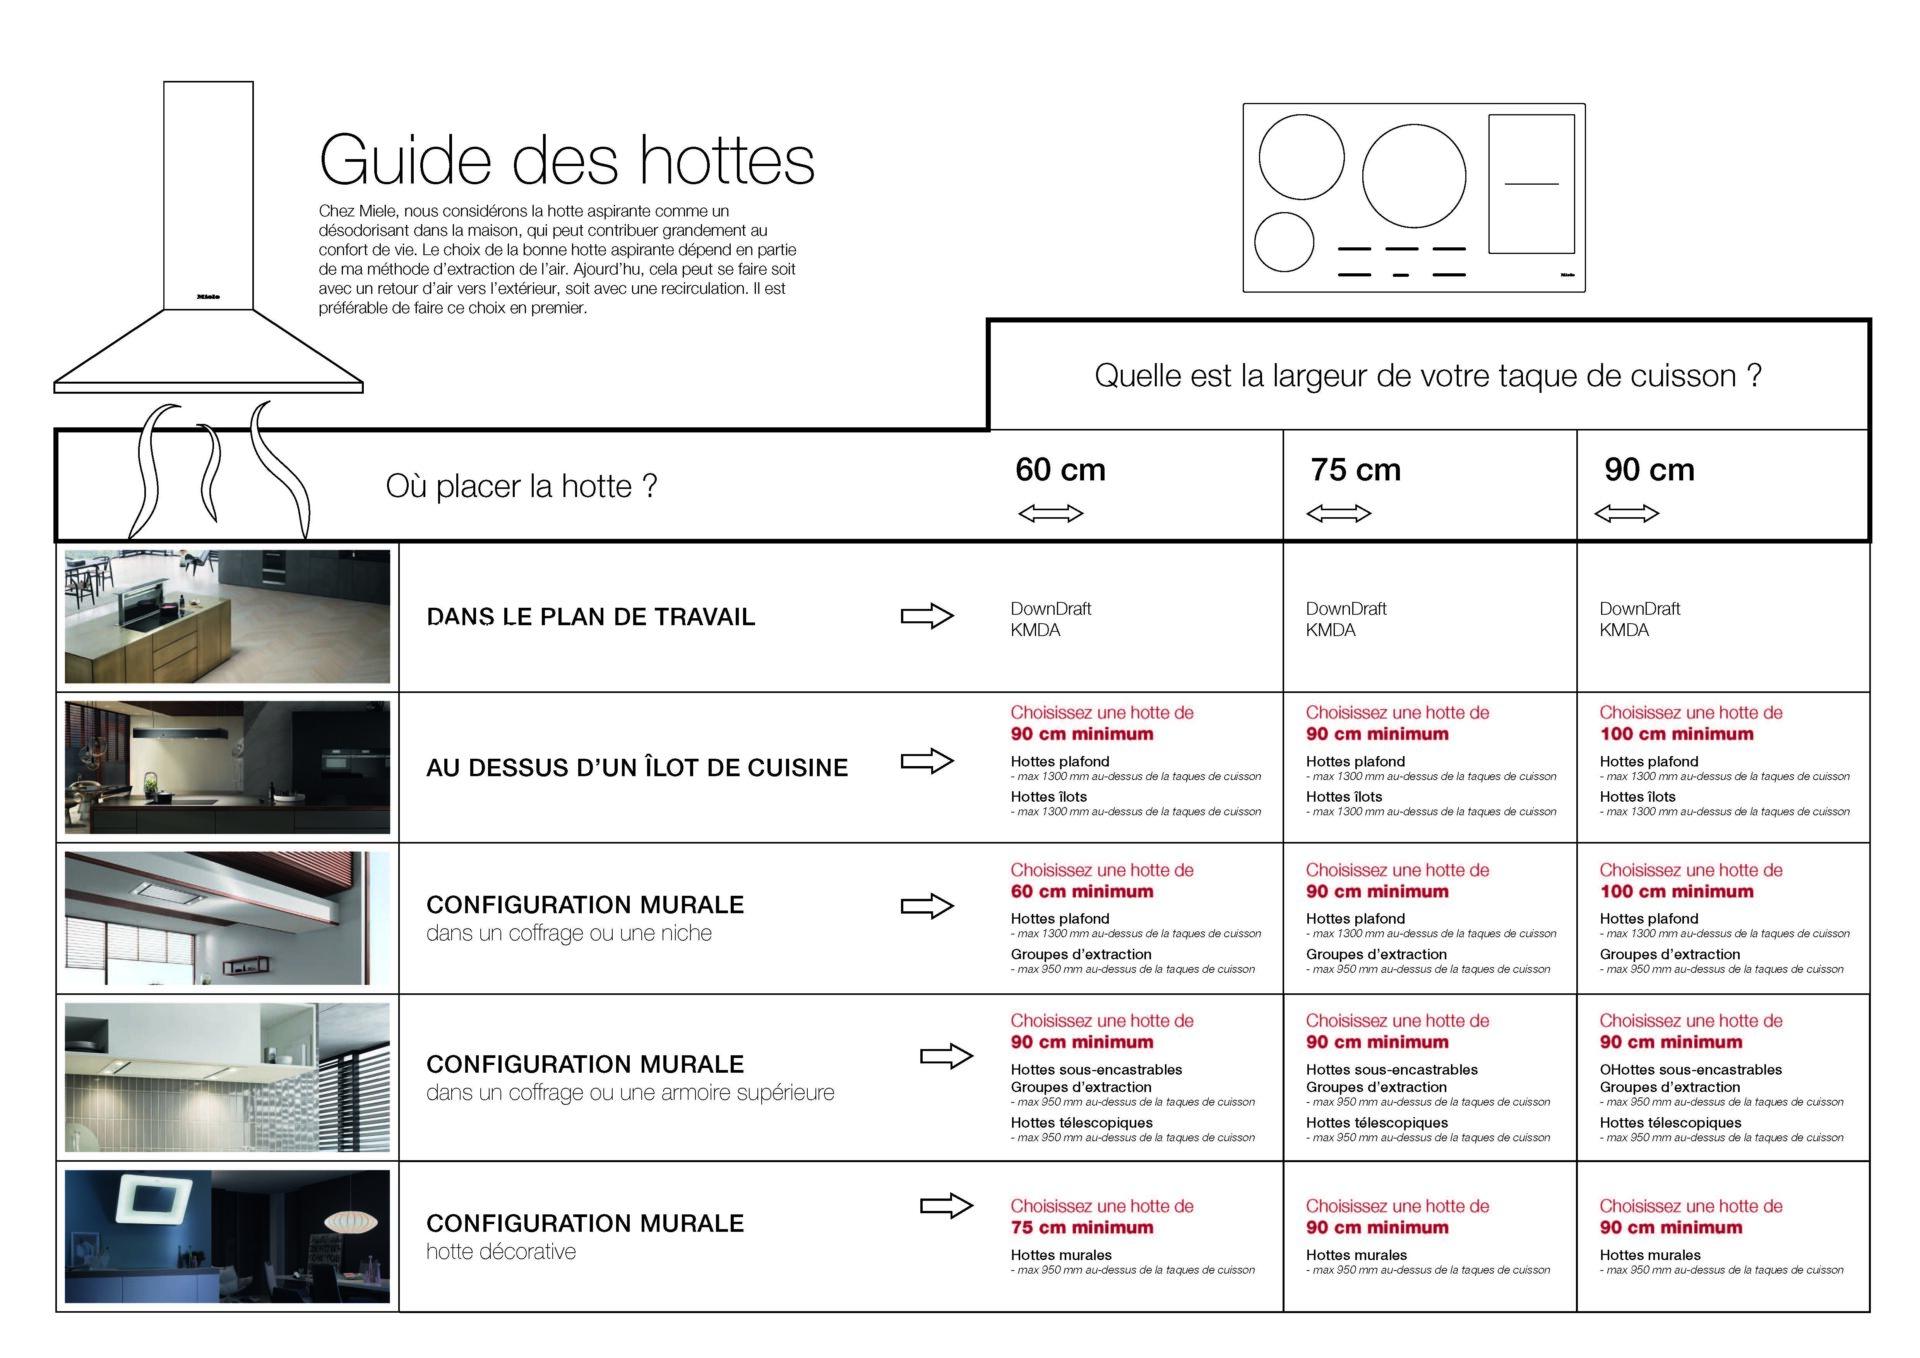 Guide des hottes